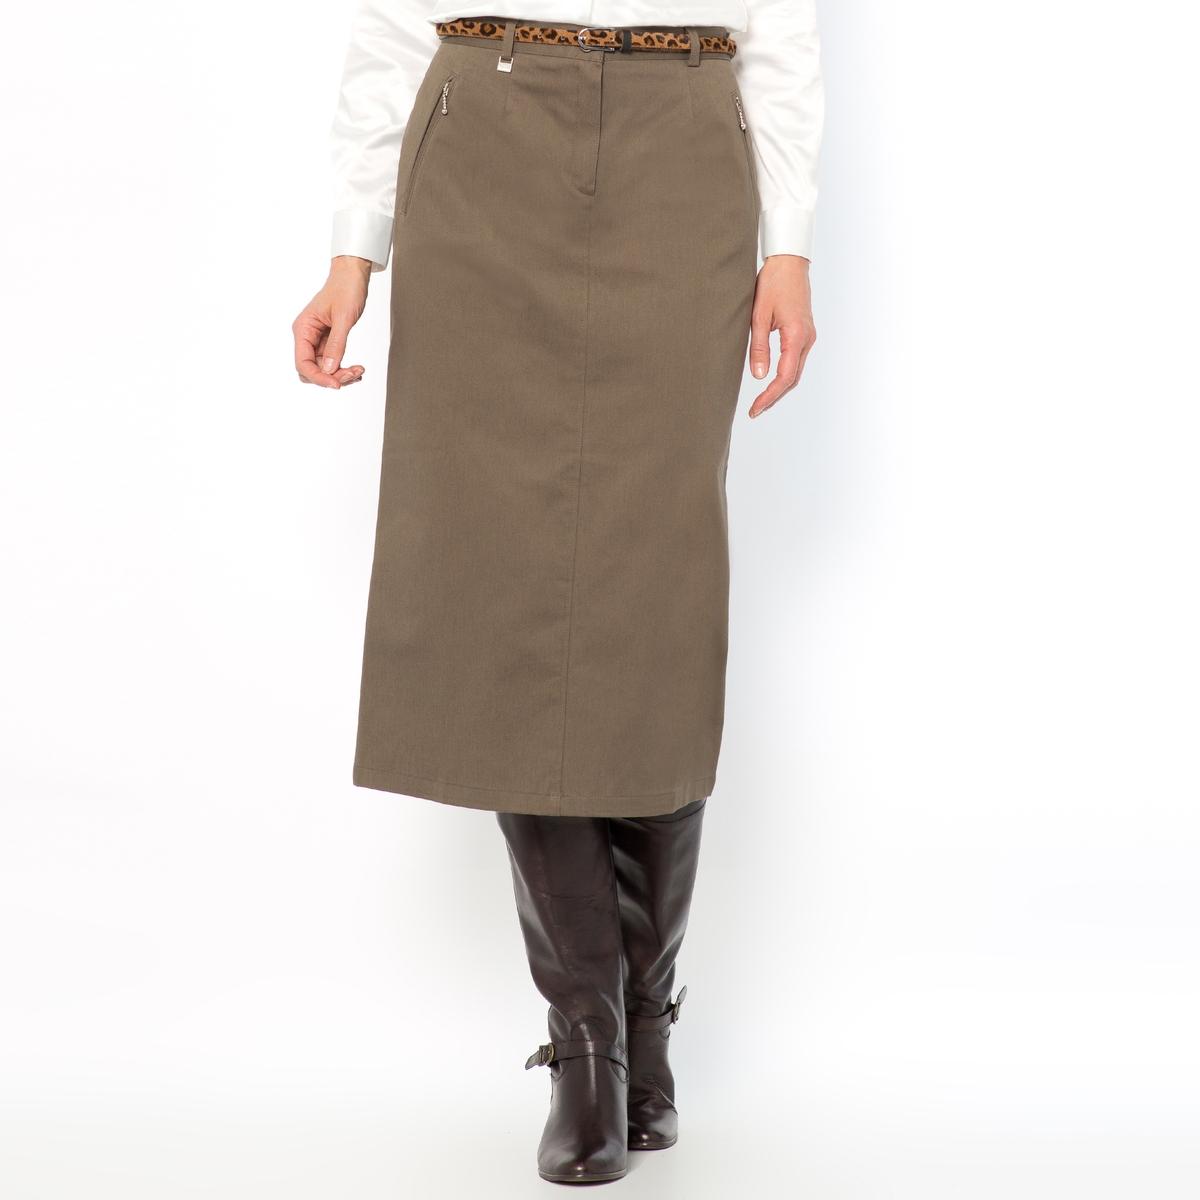 Юбка из хлопкового сатина стретч, длина. 75 смИдеальная юбка, если вам требуется долго оставаться в сидячем положении, легко носить. Состав и описание :Материал : комфортный хлопковый сатин, 98% хлопка, 2% эластана лайкра®. Длина 75 см.Марка : Anne WeyburnУход :Машинная стирка при 30 °С в умеренном режиме.Гладить при низкой температуре.<br><br>Цвет: каштановый,серо-коричневый,хаки,черный<br>Размер: 46 (FR) - 52 (RUS)